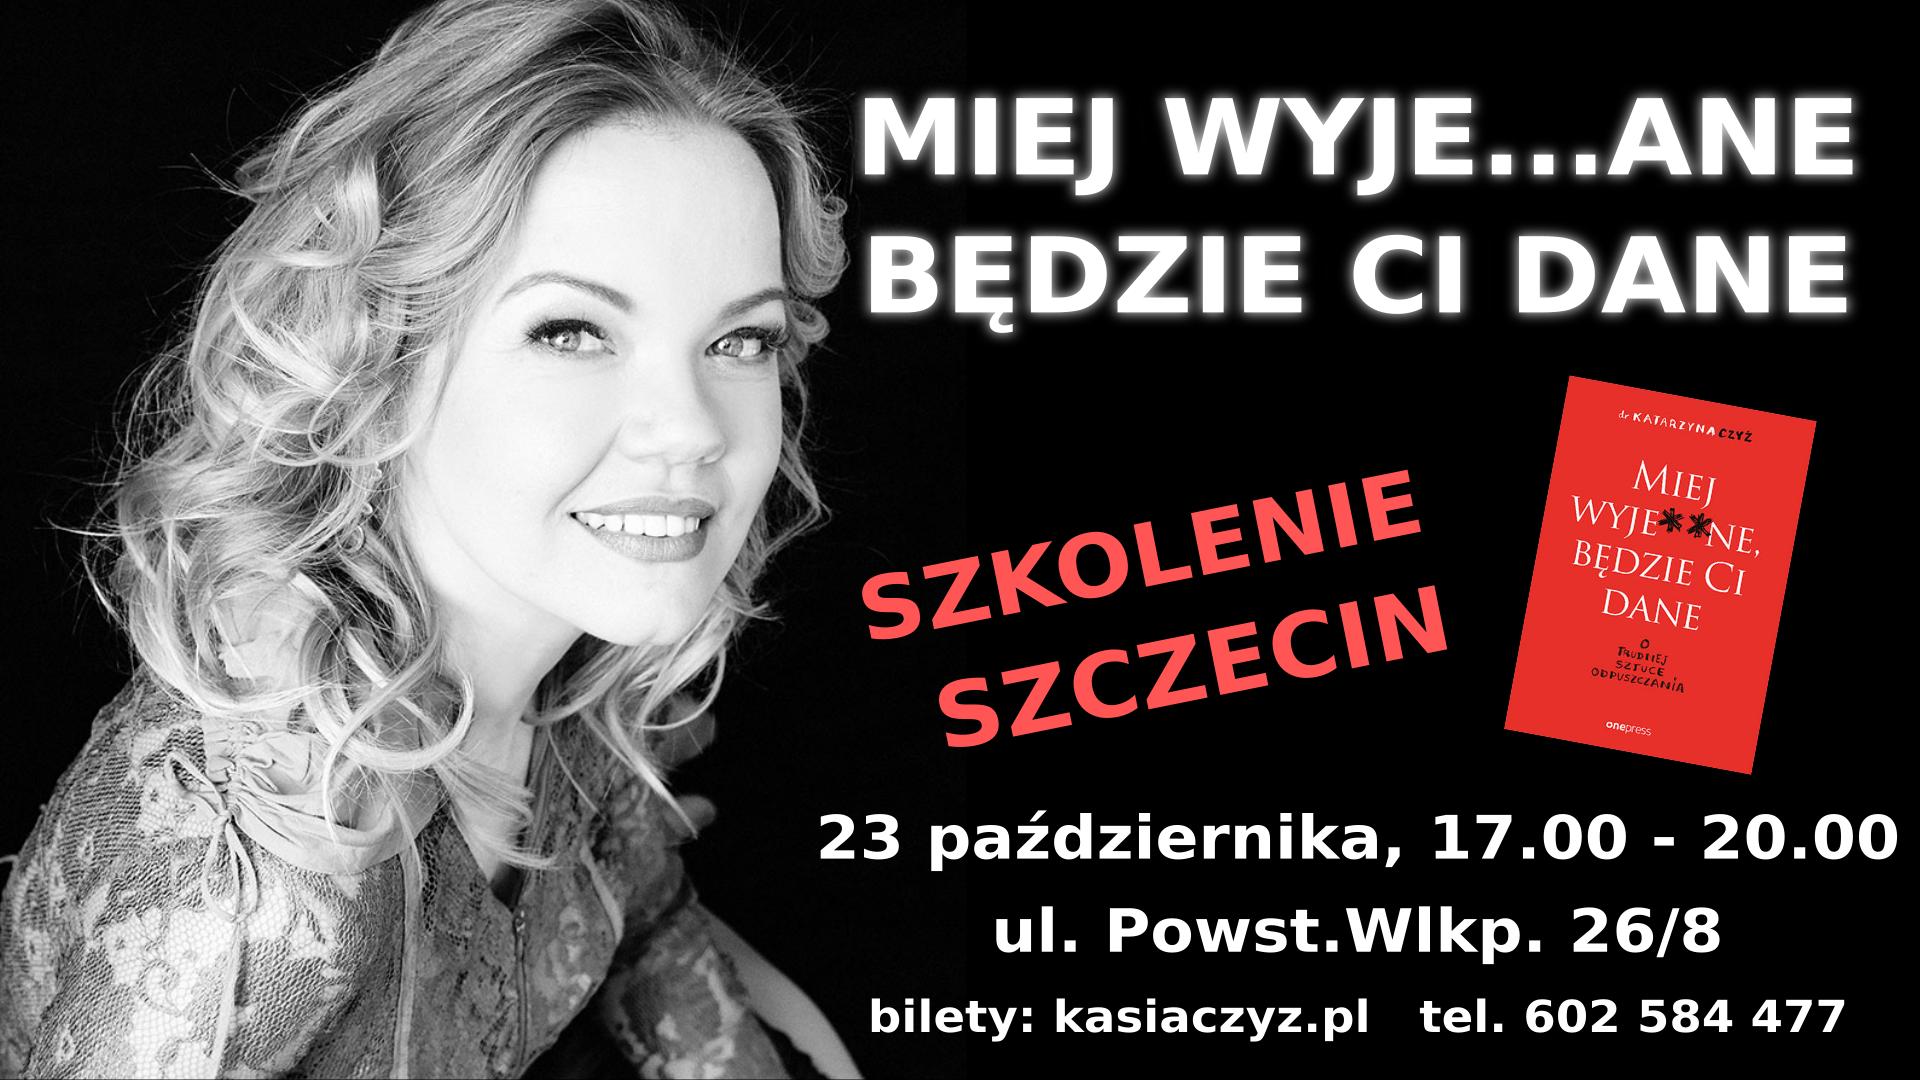 Szkolenie w Szczecinie, 23.10.2021